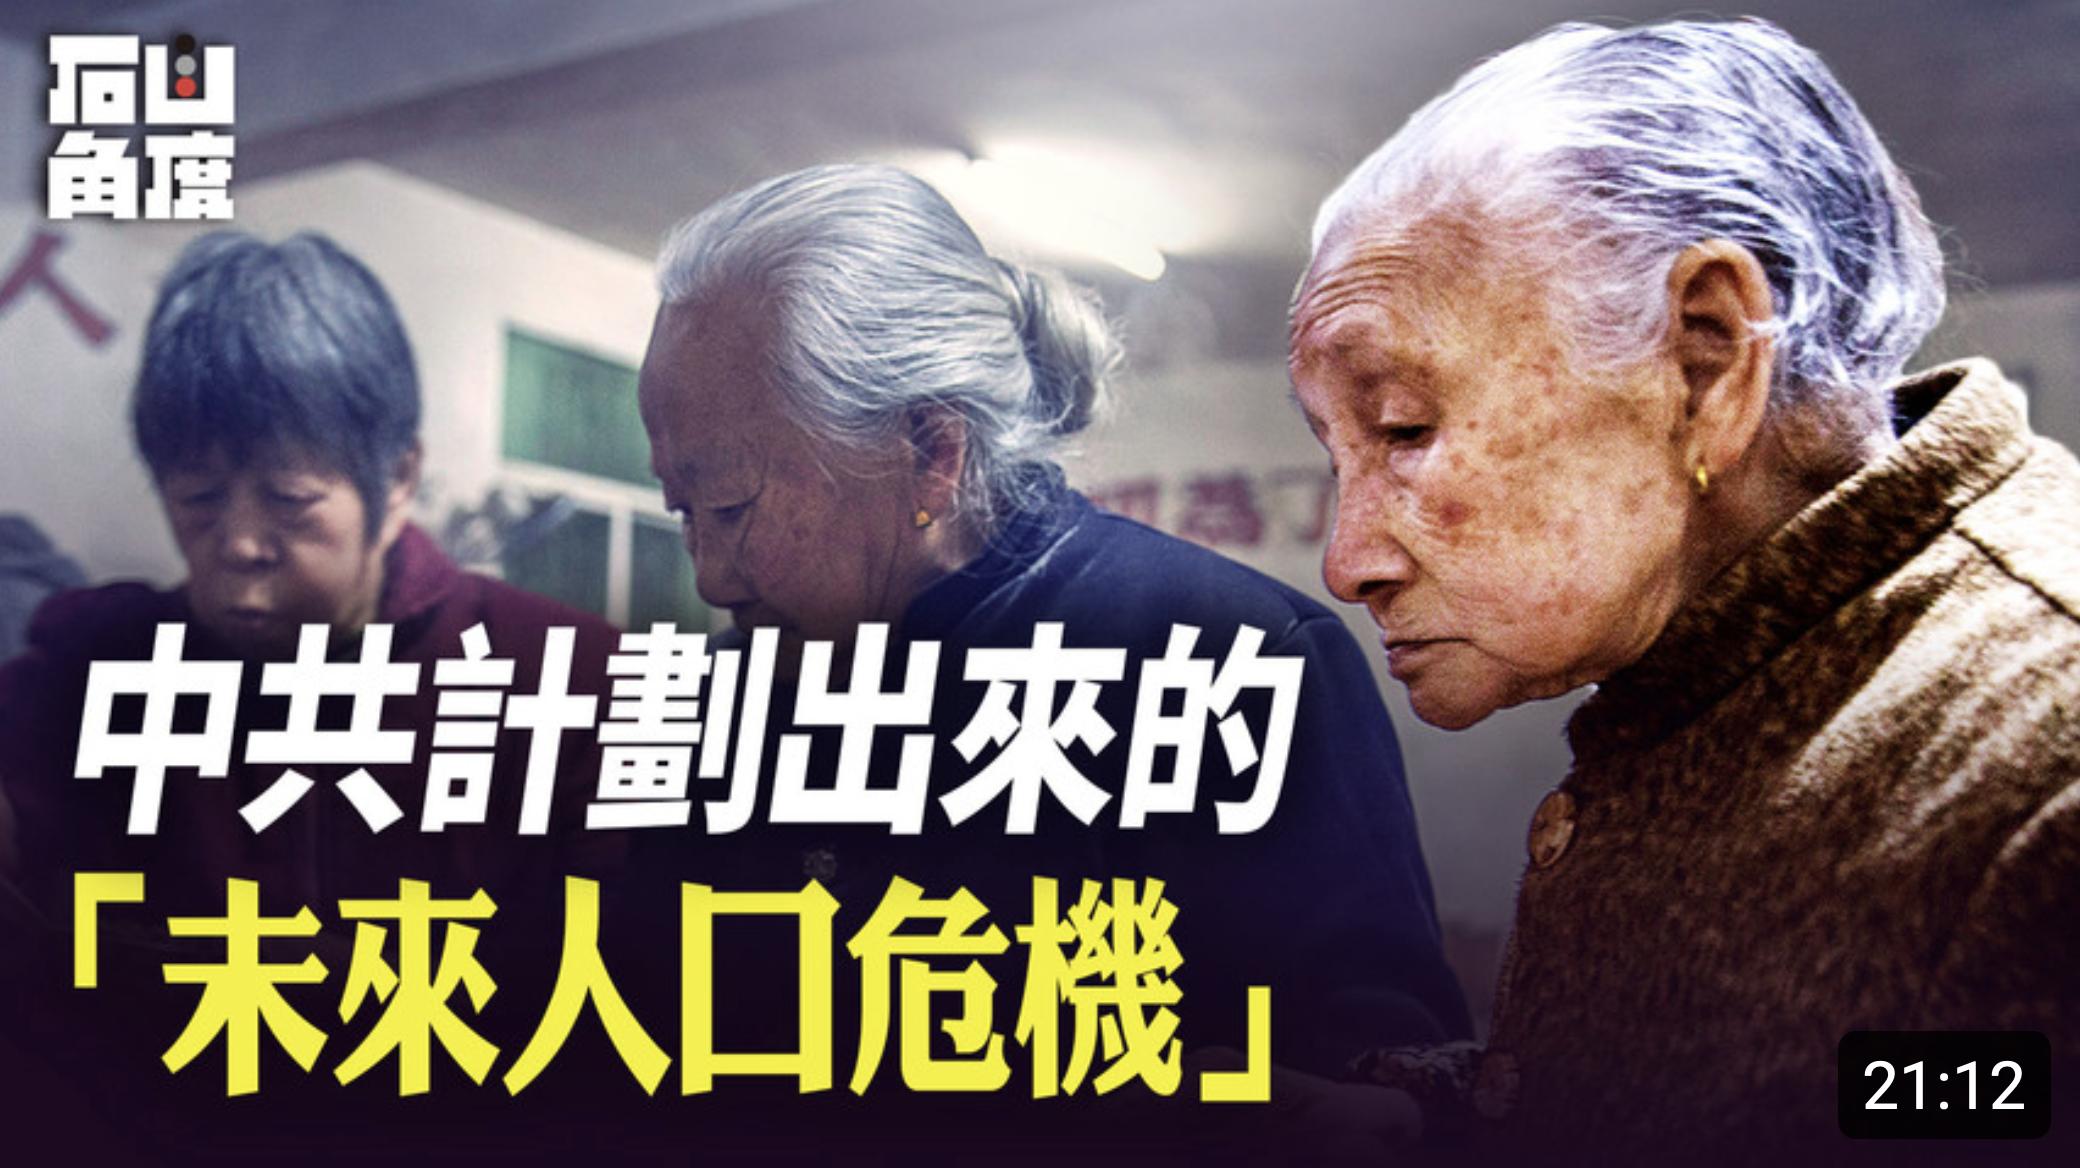 中國進入「未富先老」階段,只是未來人口危機的前兆,這是一個被專制體制的中央計劃設計出來的國家和民族危機。(石山角度/有冇搞錯製作組製圖)